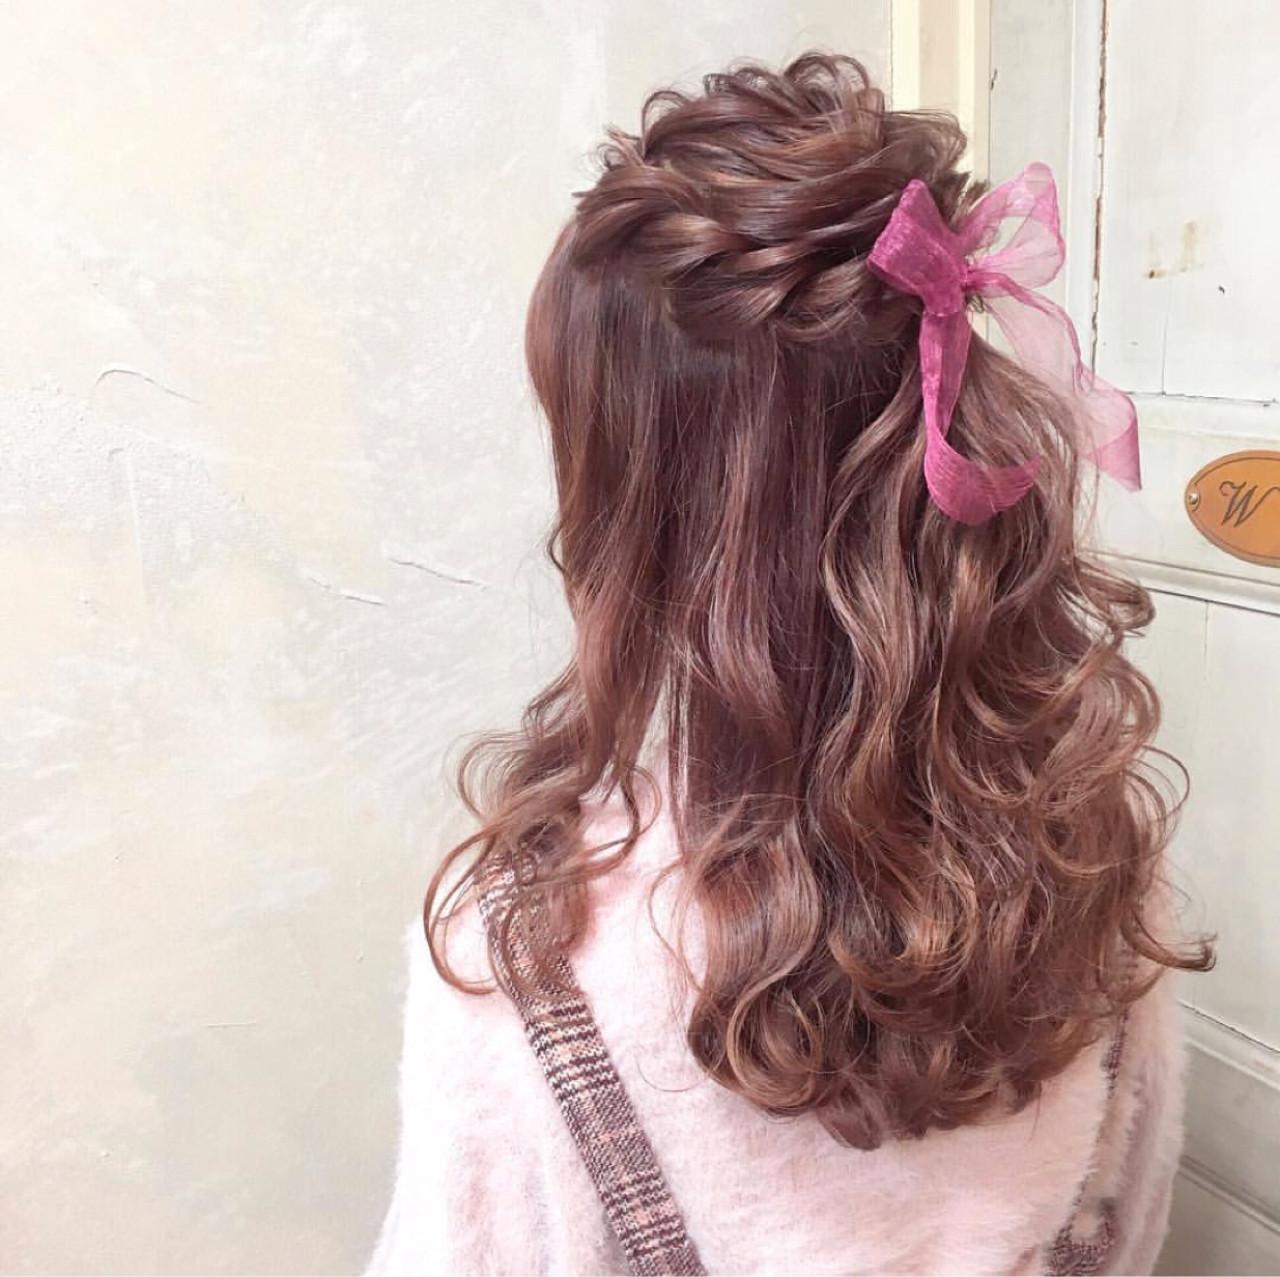 ガーリー ハーフアップ ヘアアレンジ ロング ヘアスタイルや髪型の写真・画像